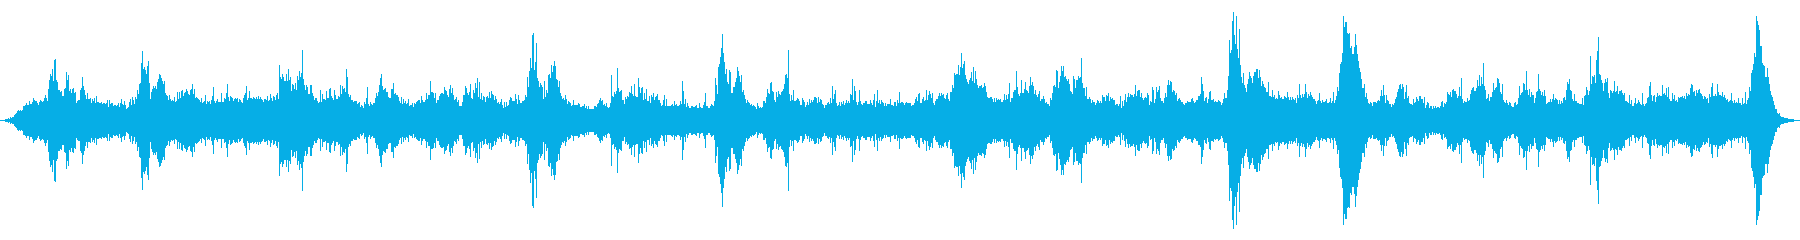 海洋:火山岩の上に中程度の波、重い波の再生済みの波形